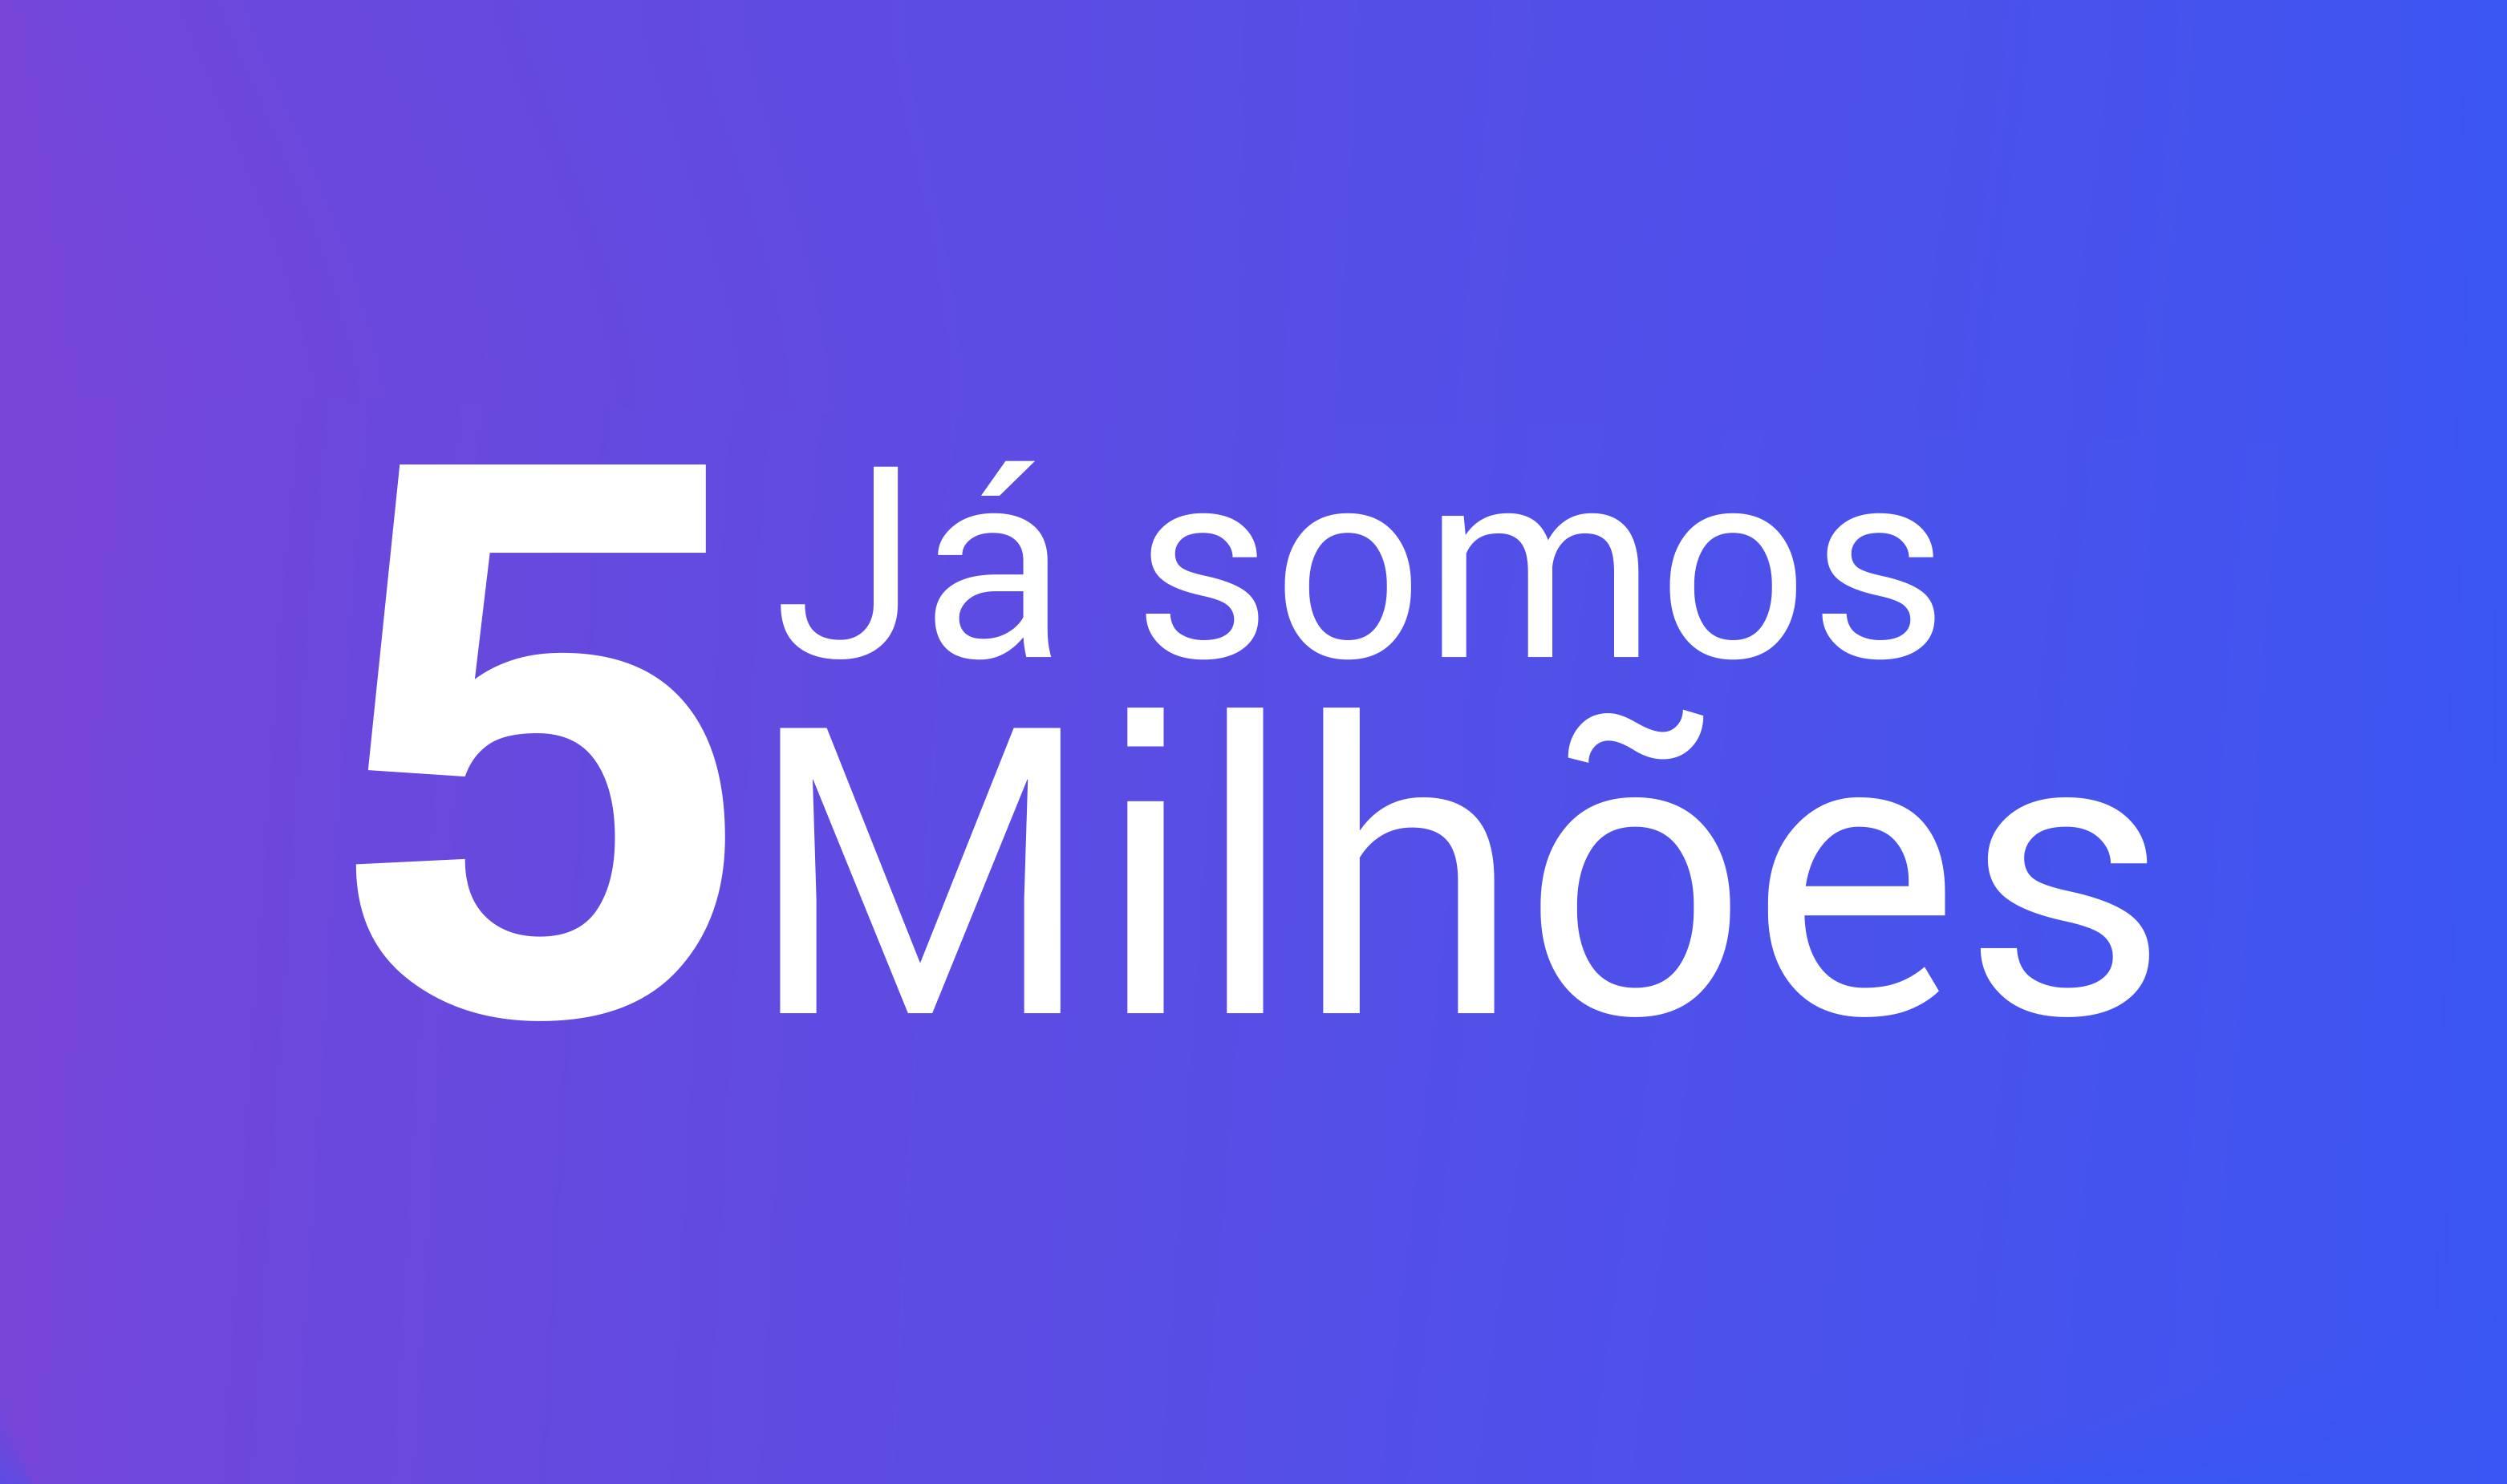 Brasil chega a marca de 5 milhões de microempreendedores individuais